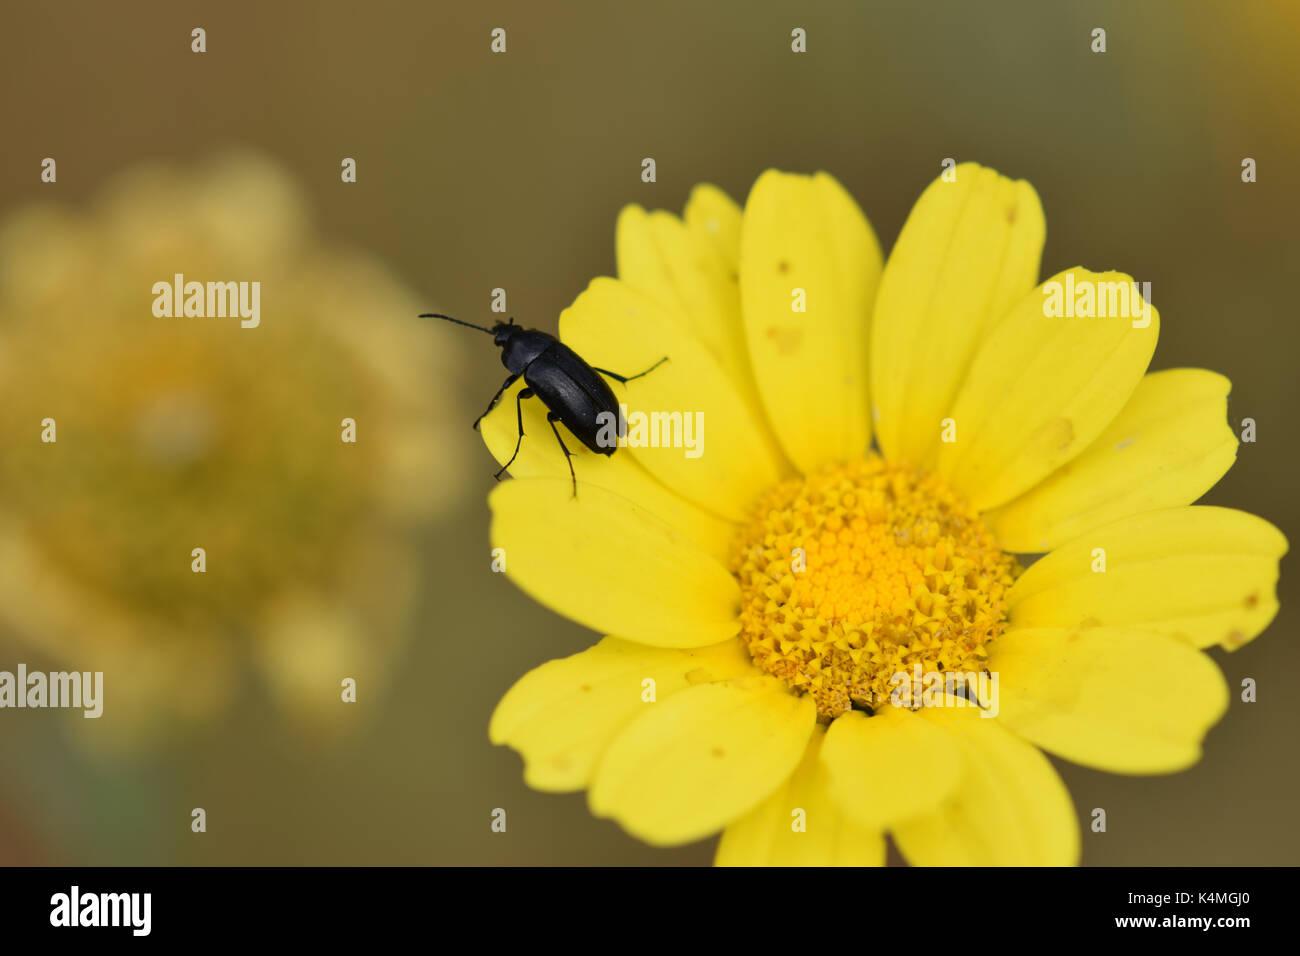 Coleottero nero su giallo petali di fiori. Primavera la natura closeup. Immagini Stock